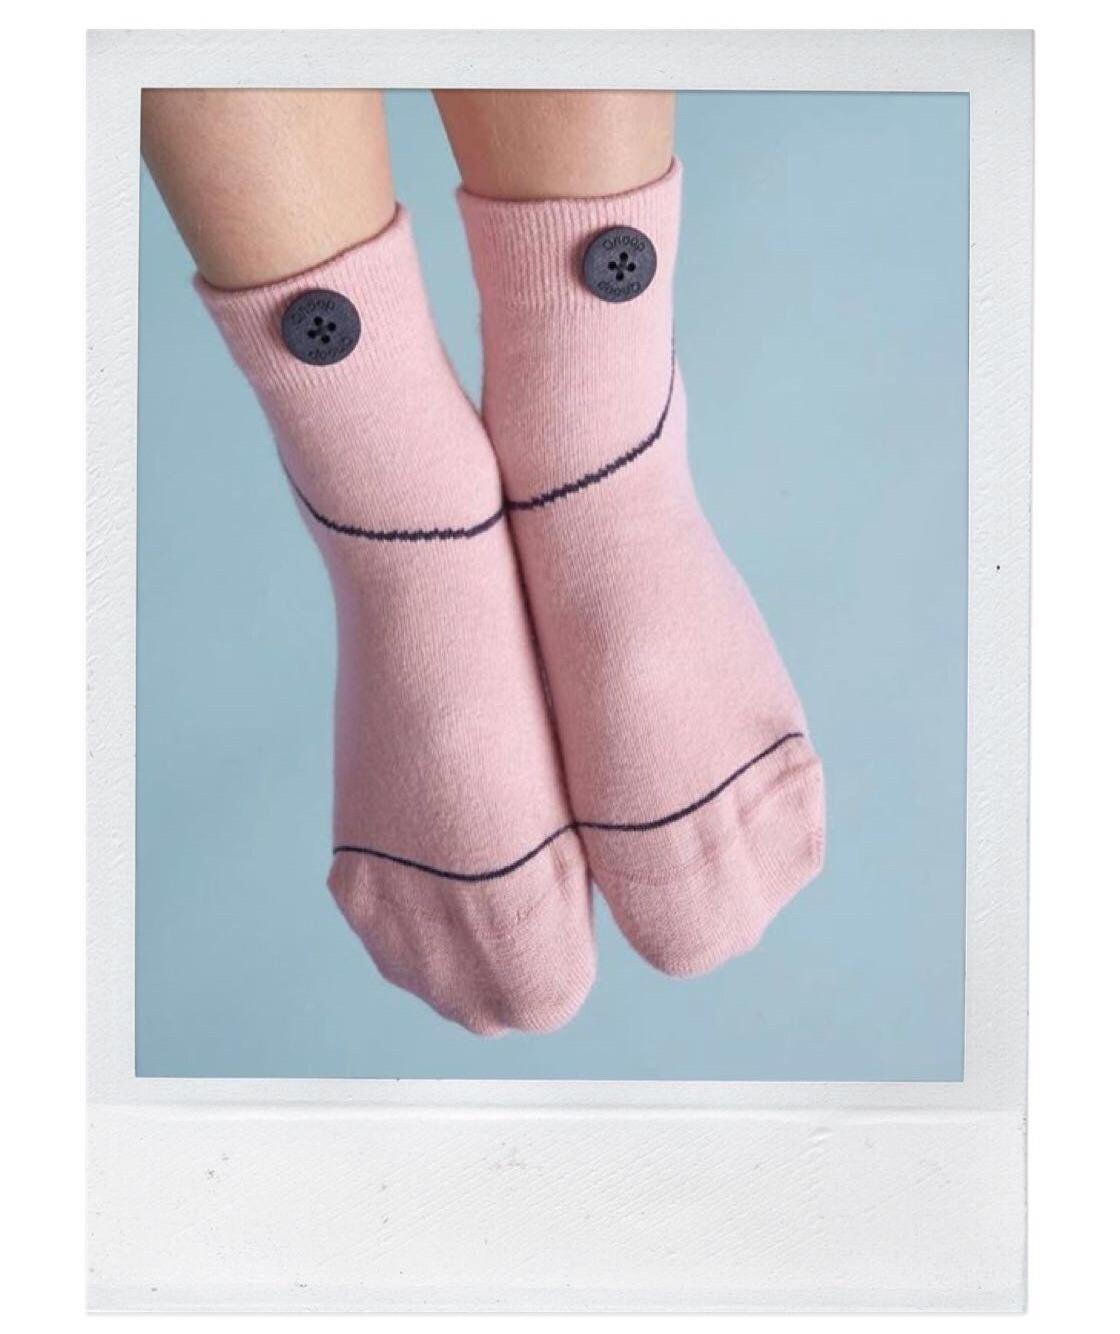 Qnoop socks